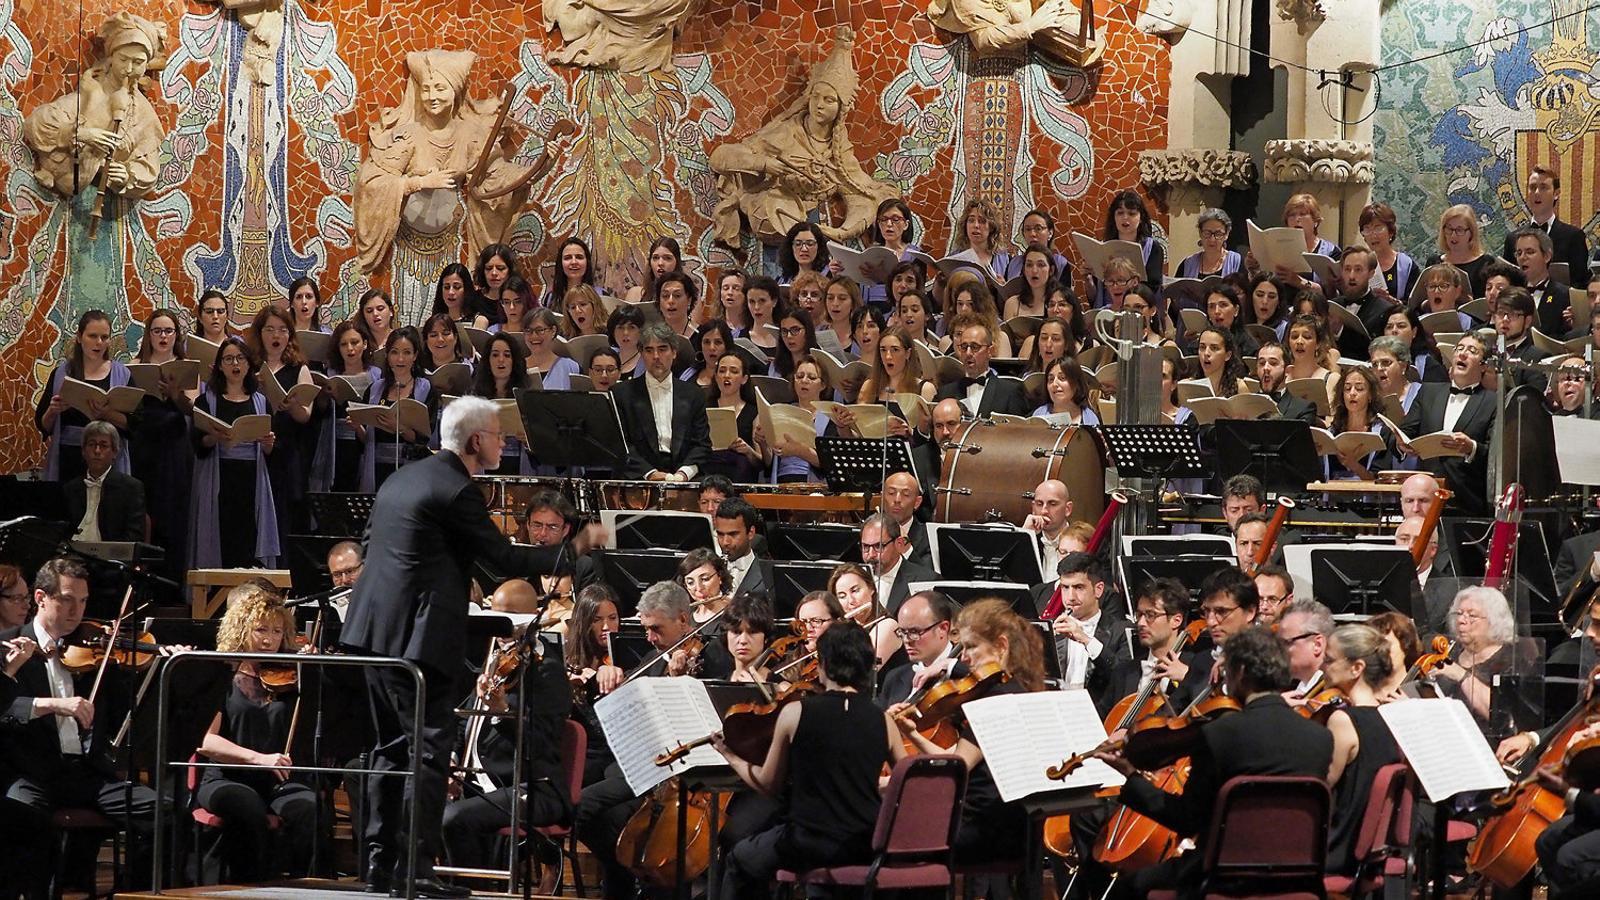 Un moment del concert del Palau de la Música. / ANTONI BOFILL / PALAU DE LA MÚSICA